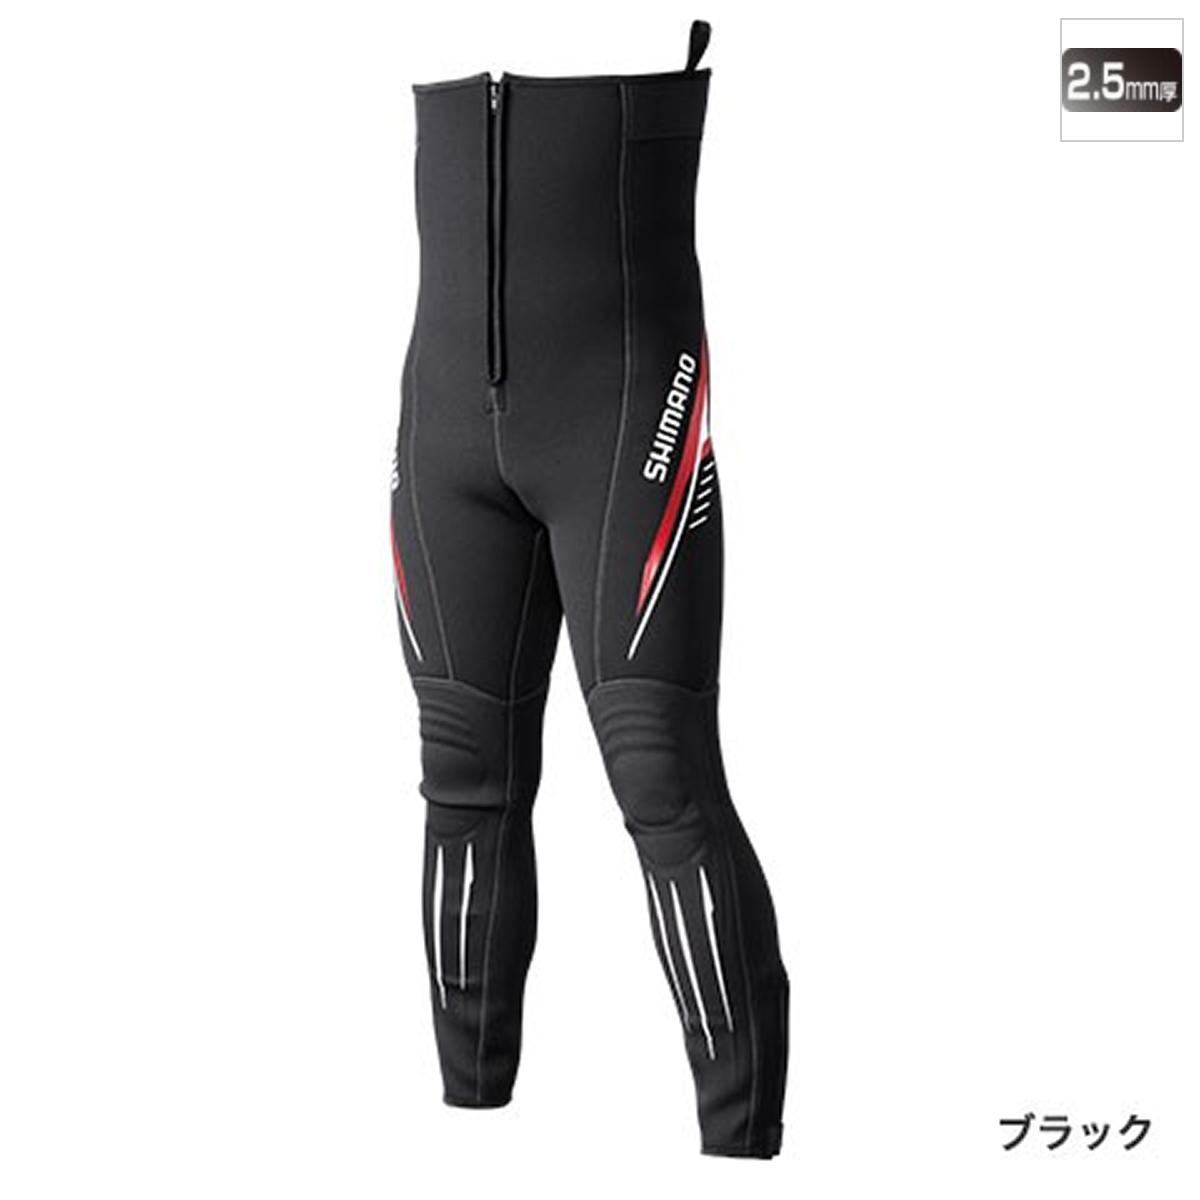 シマノ 鮎タイツT-2.5 TI-071Q LA ブラック【送料無料】